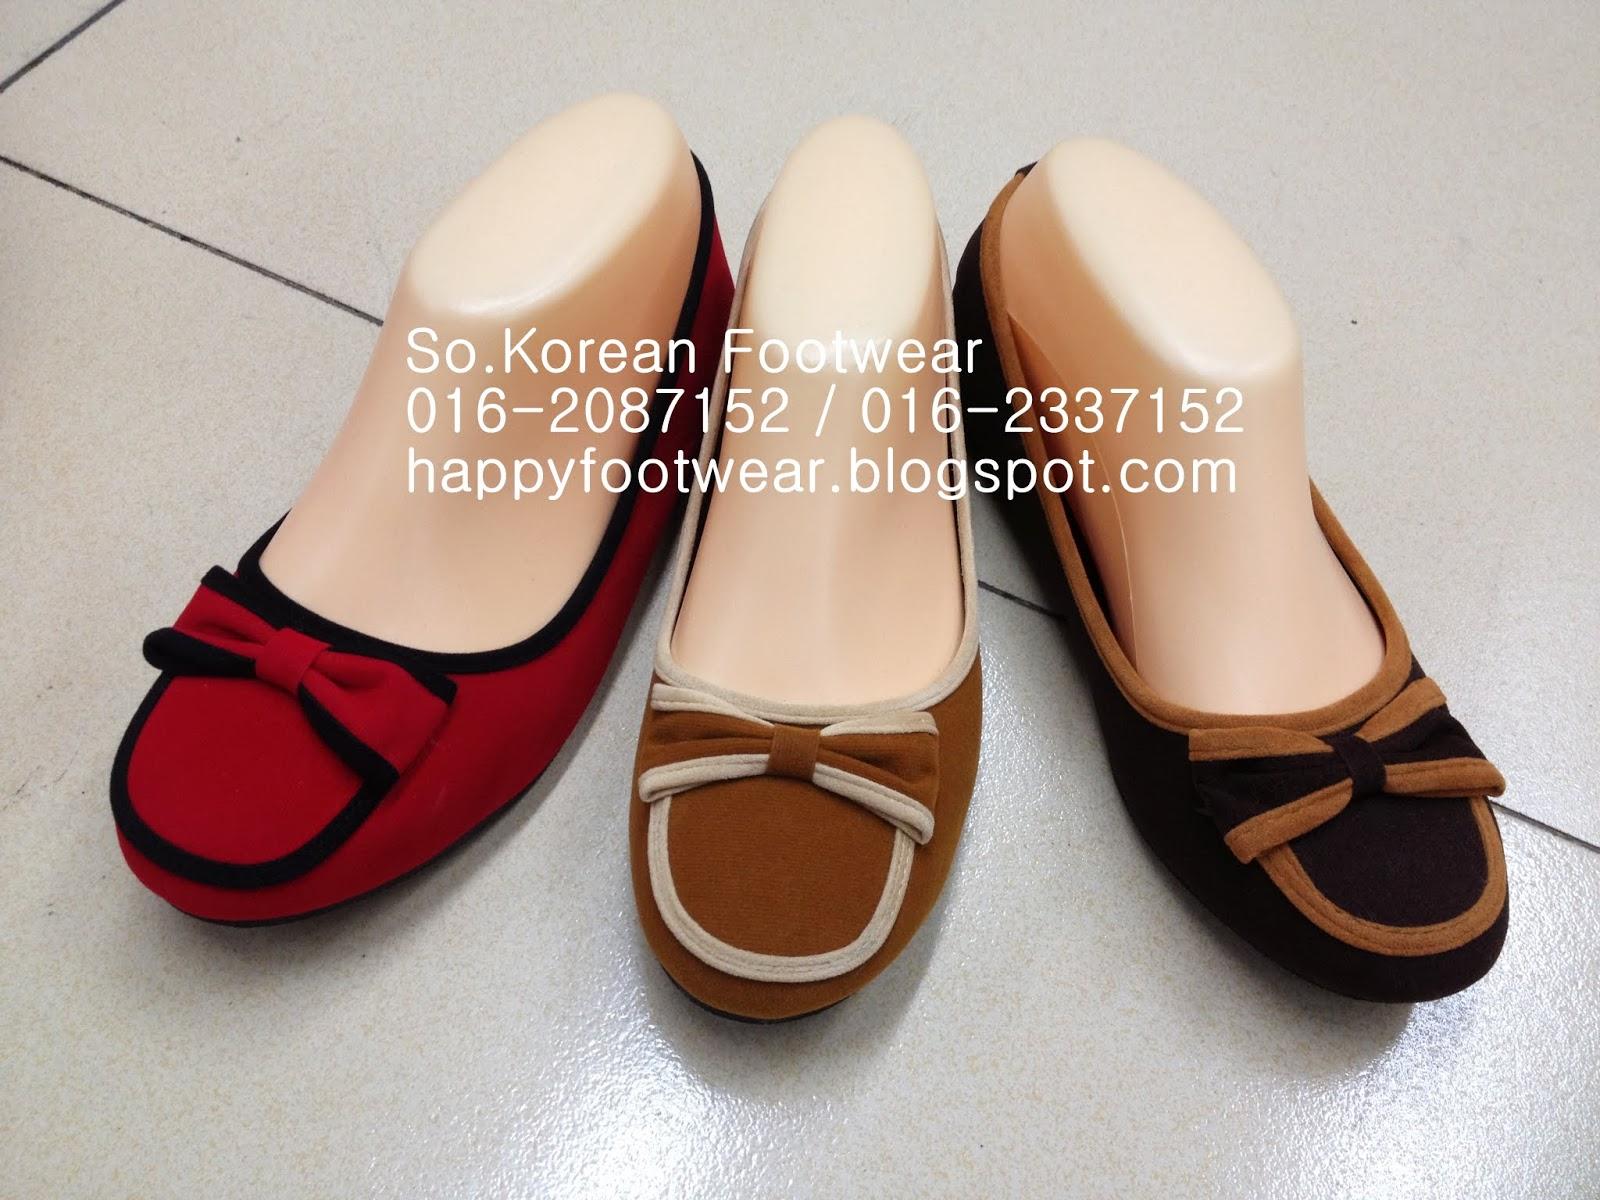 sokorean footwear wholesale footwear wholesale shoes